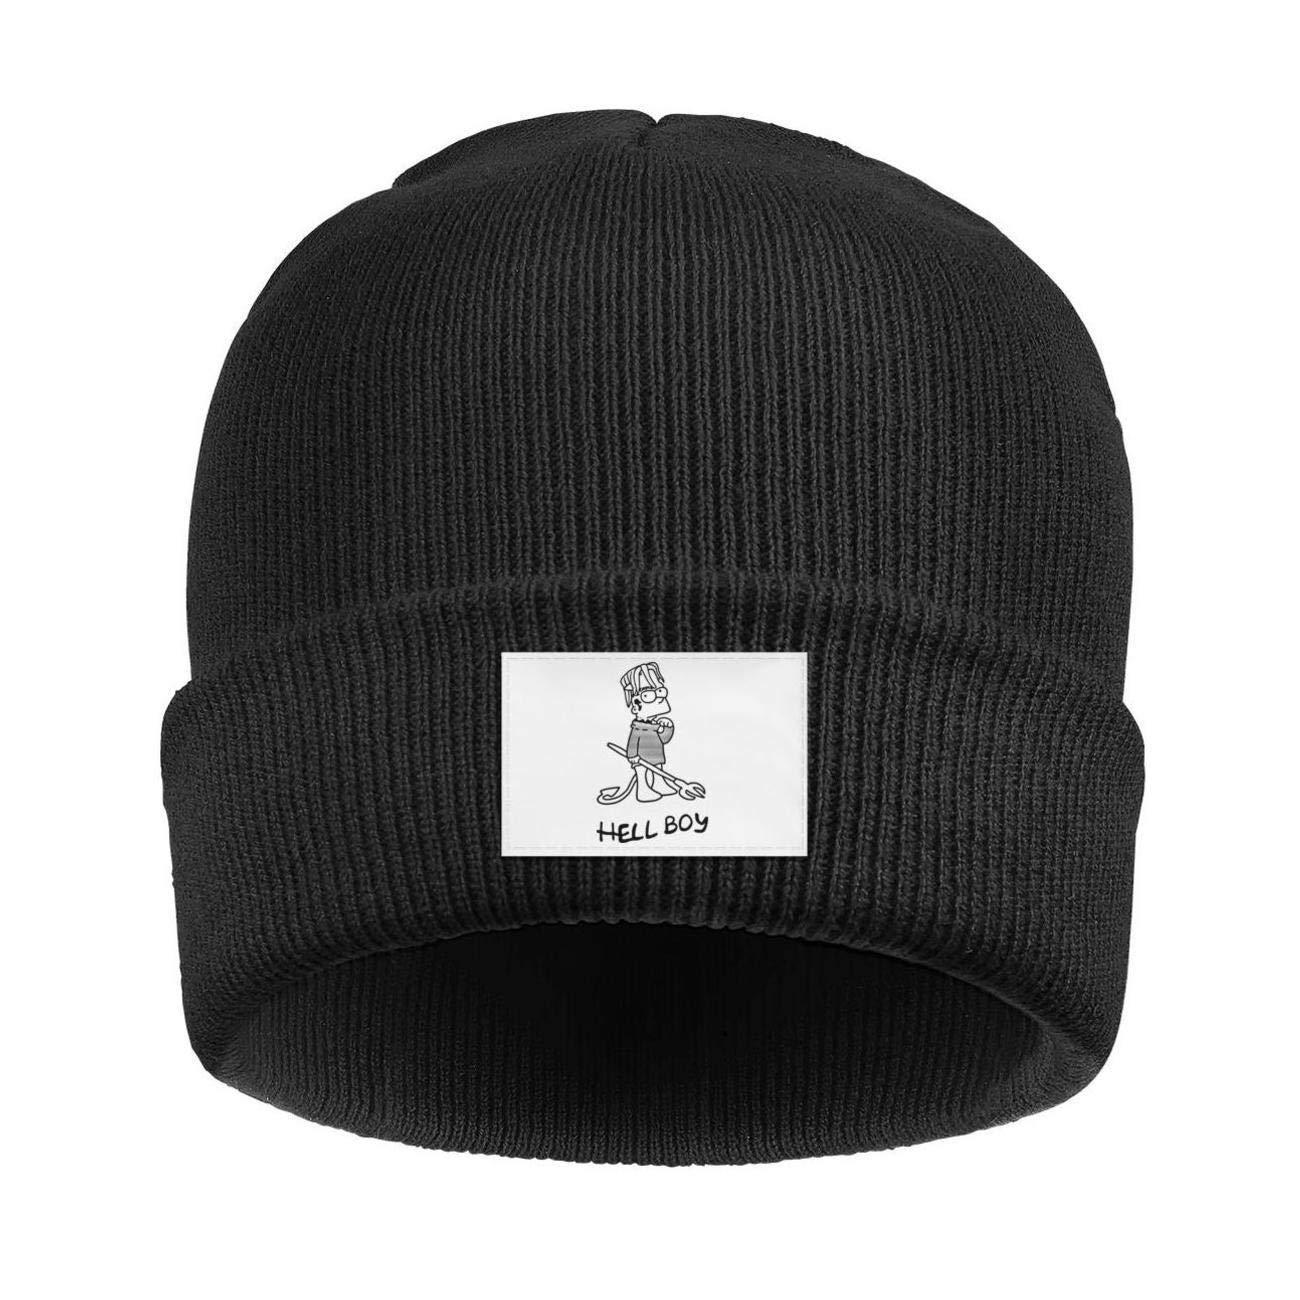 Unisex Beanie Hats Knit Cap